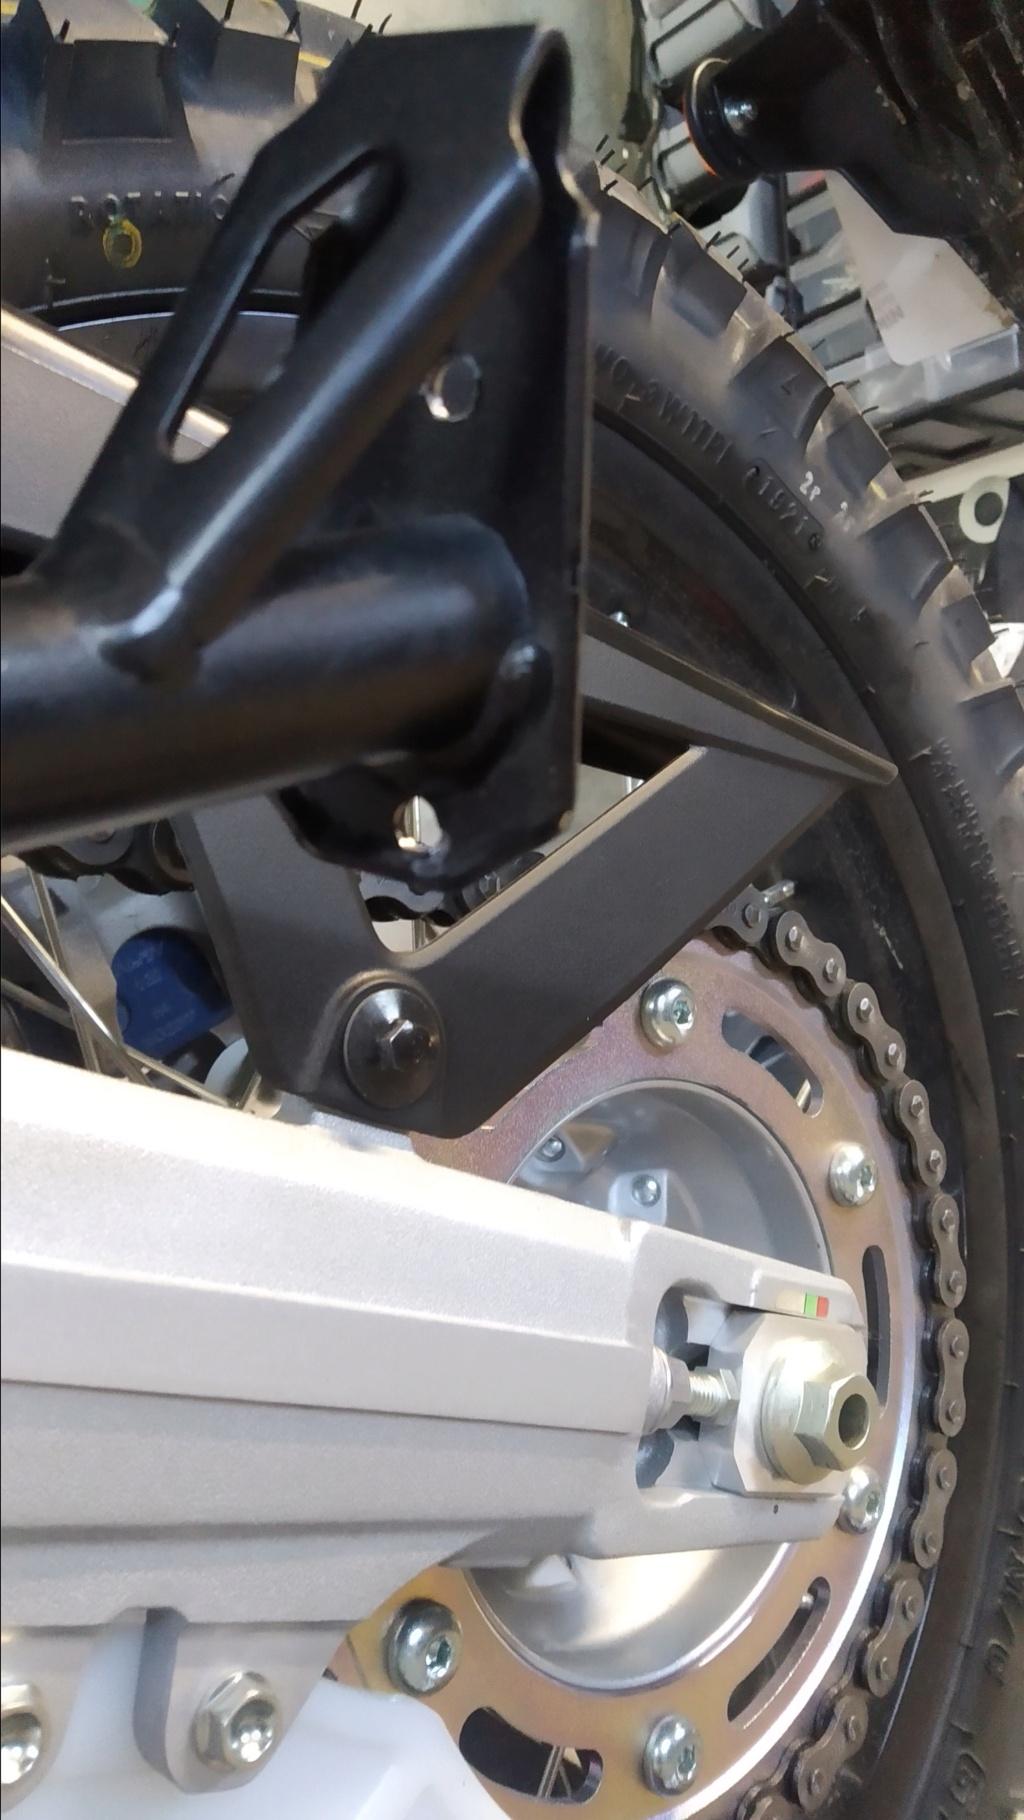 Modifs et accessoires Honda 300 CRF-L - Page 7 Img_2041